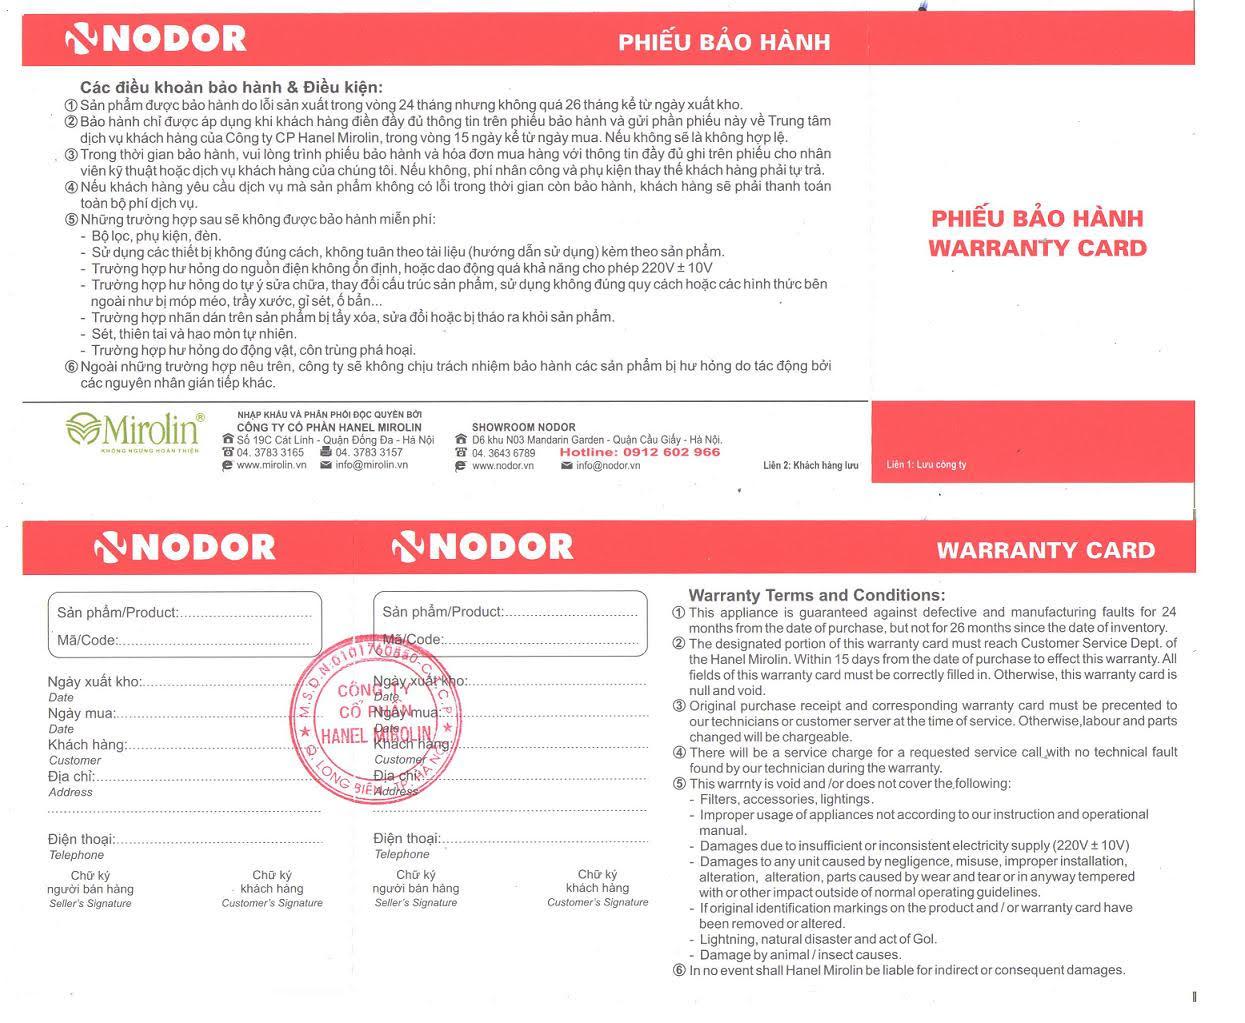 Bảo hành bếp từ Nodor